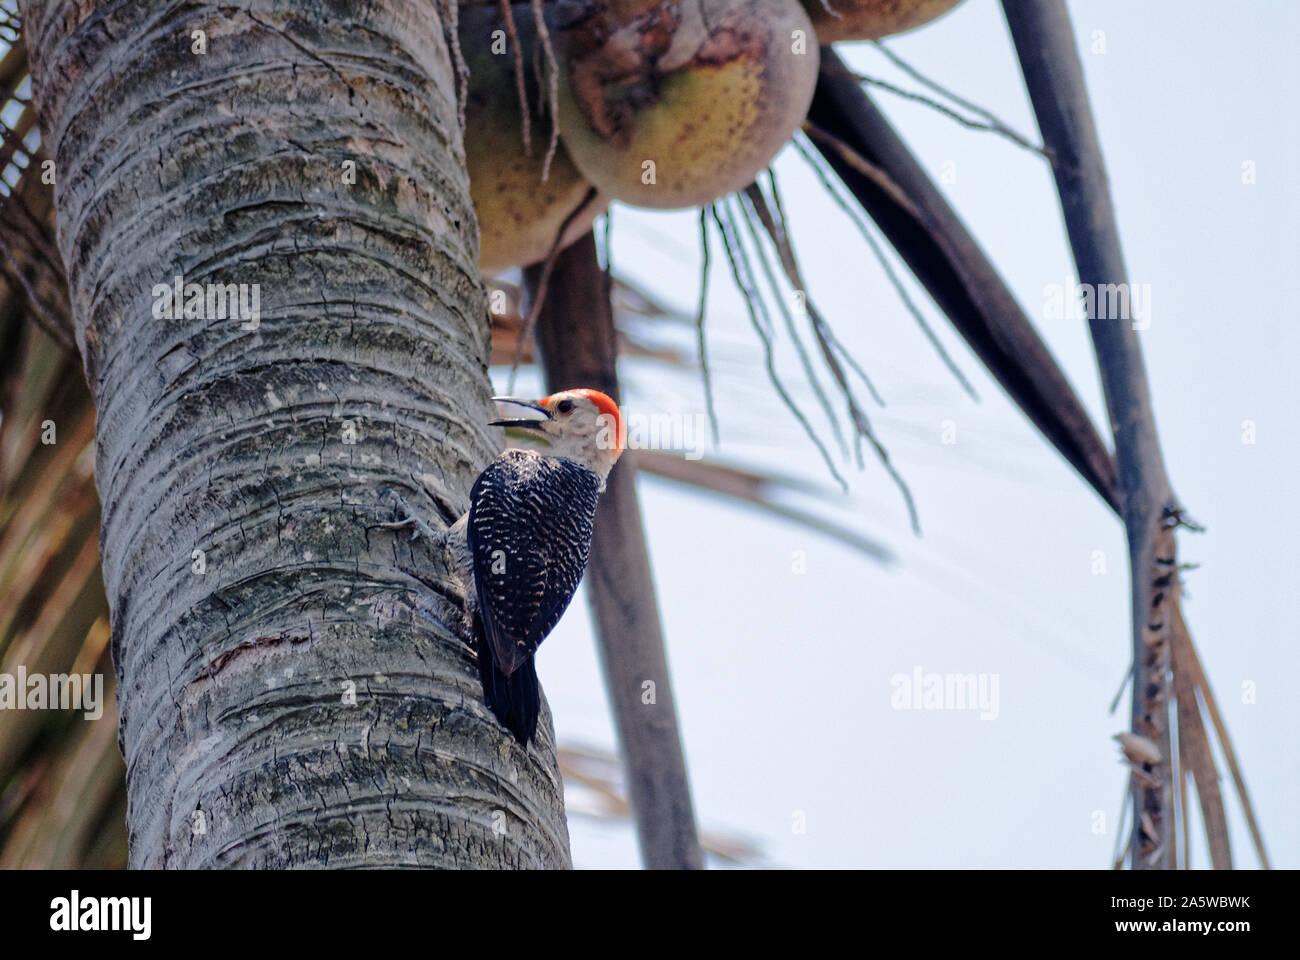 Coatzacoalcos, Veracruz, Mexico - April 24, 2014: Golden-fronted woodpecker on a coconut palm tree Stock Photo